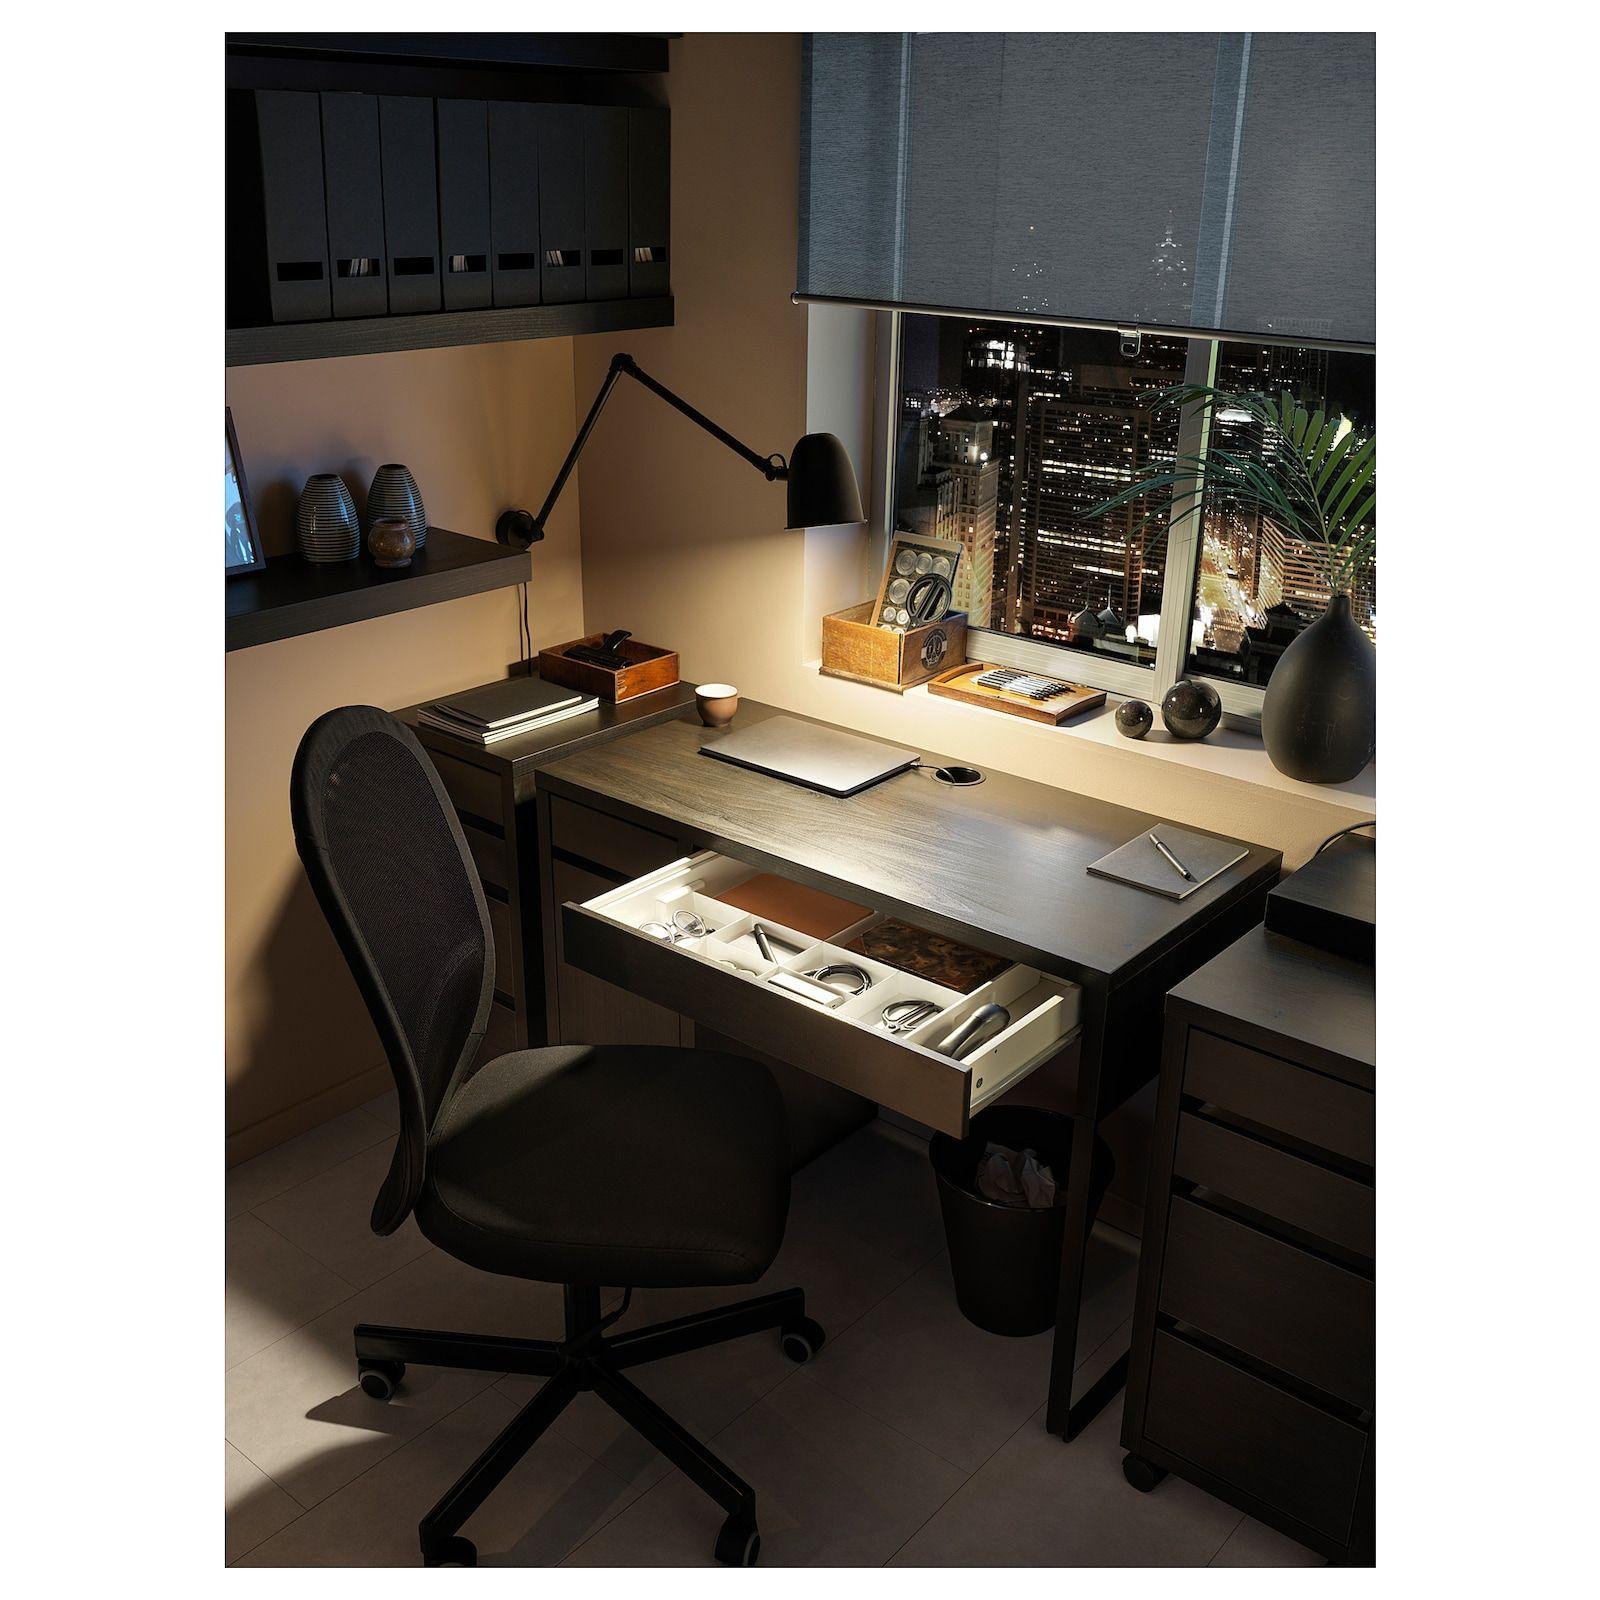 Micke Desk Black Brown 41 3 8x19 5 8 Learn More Ikea In 2020 Micke Desk Ikea Micke Desk Black Desk